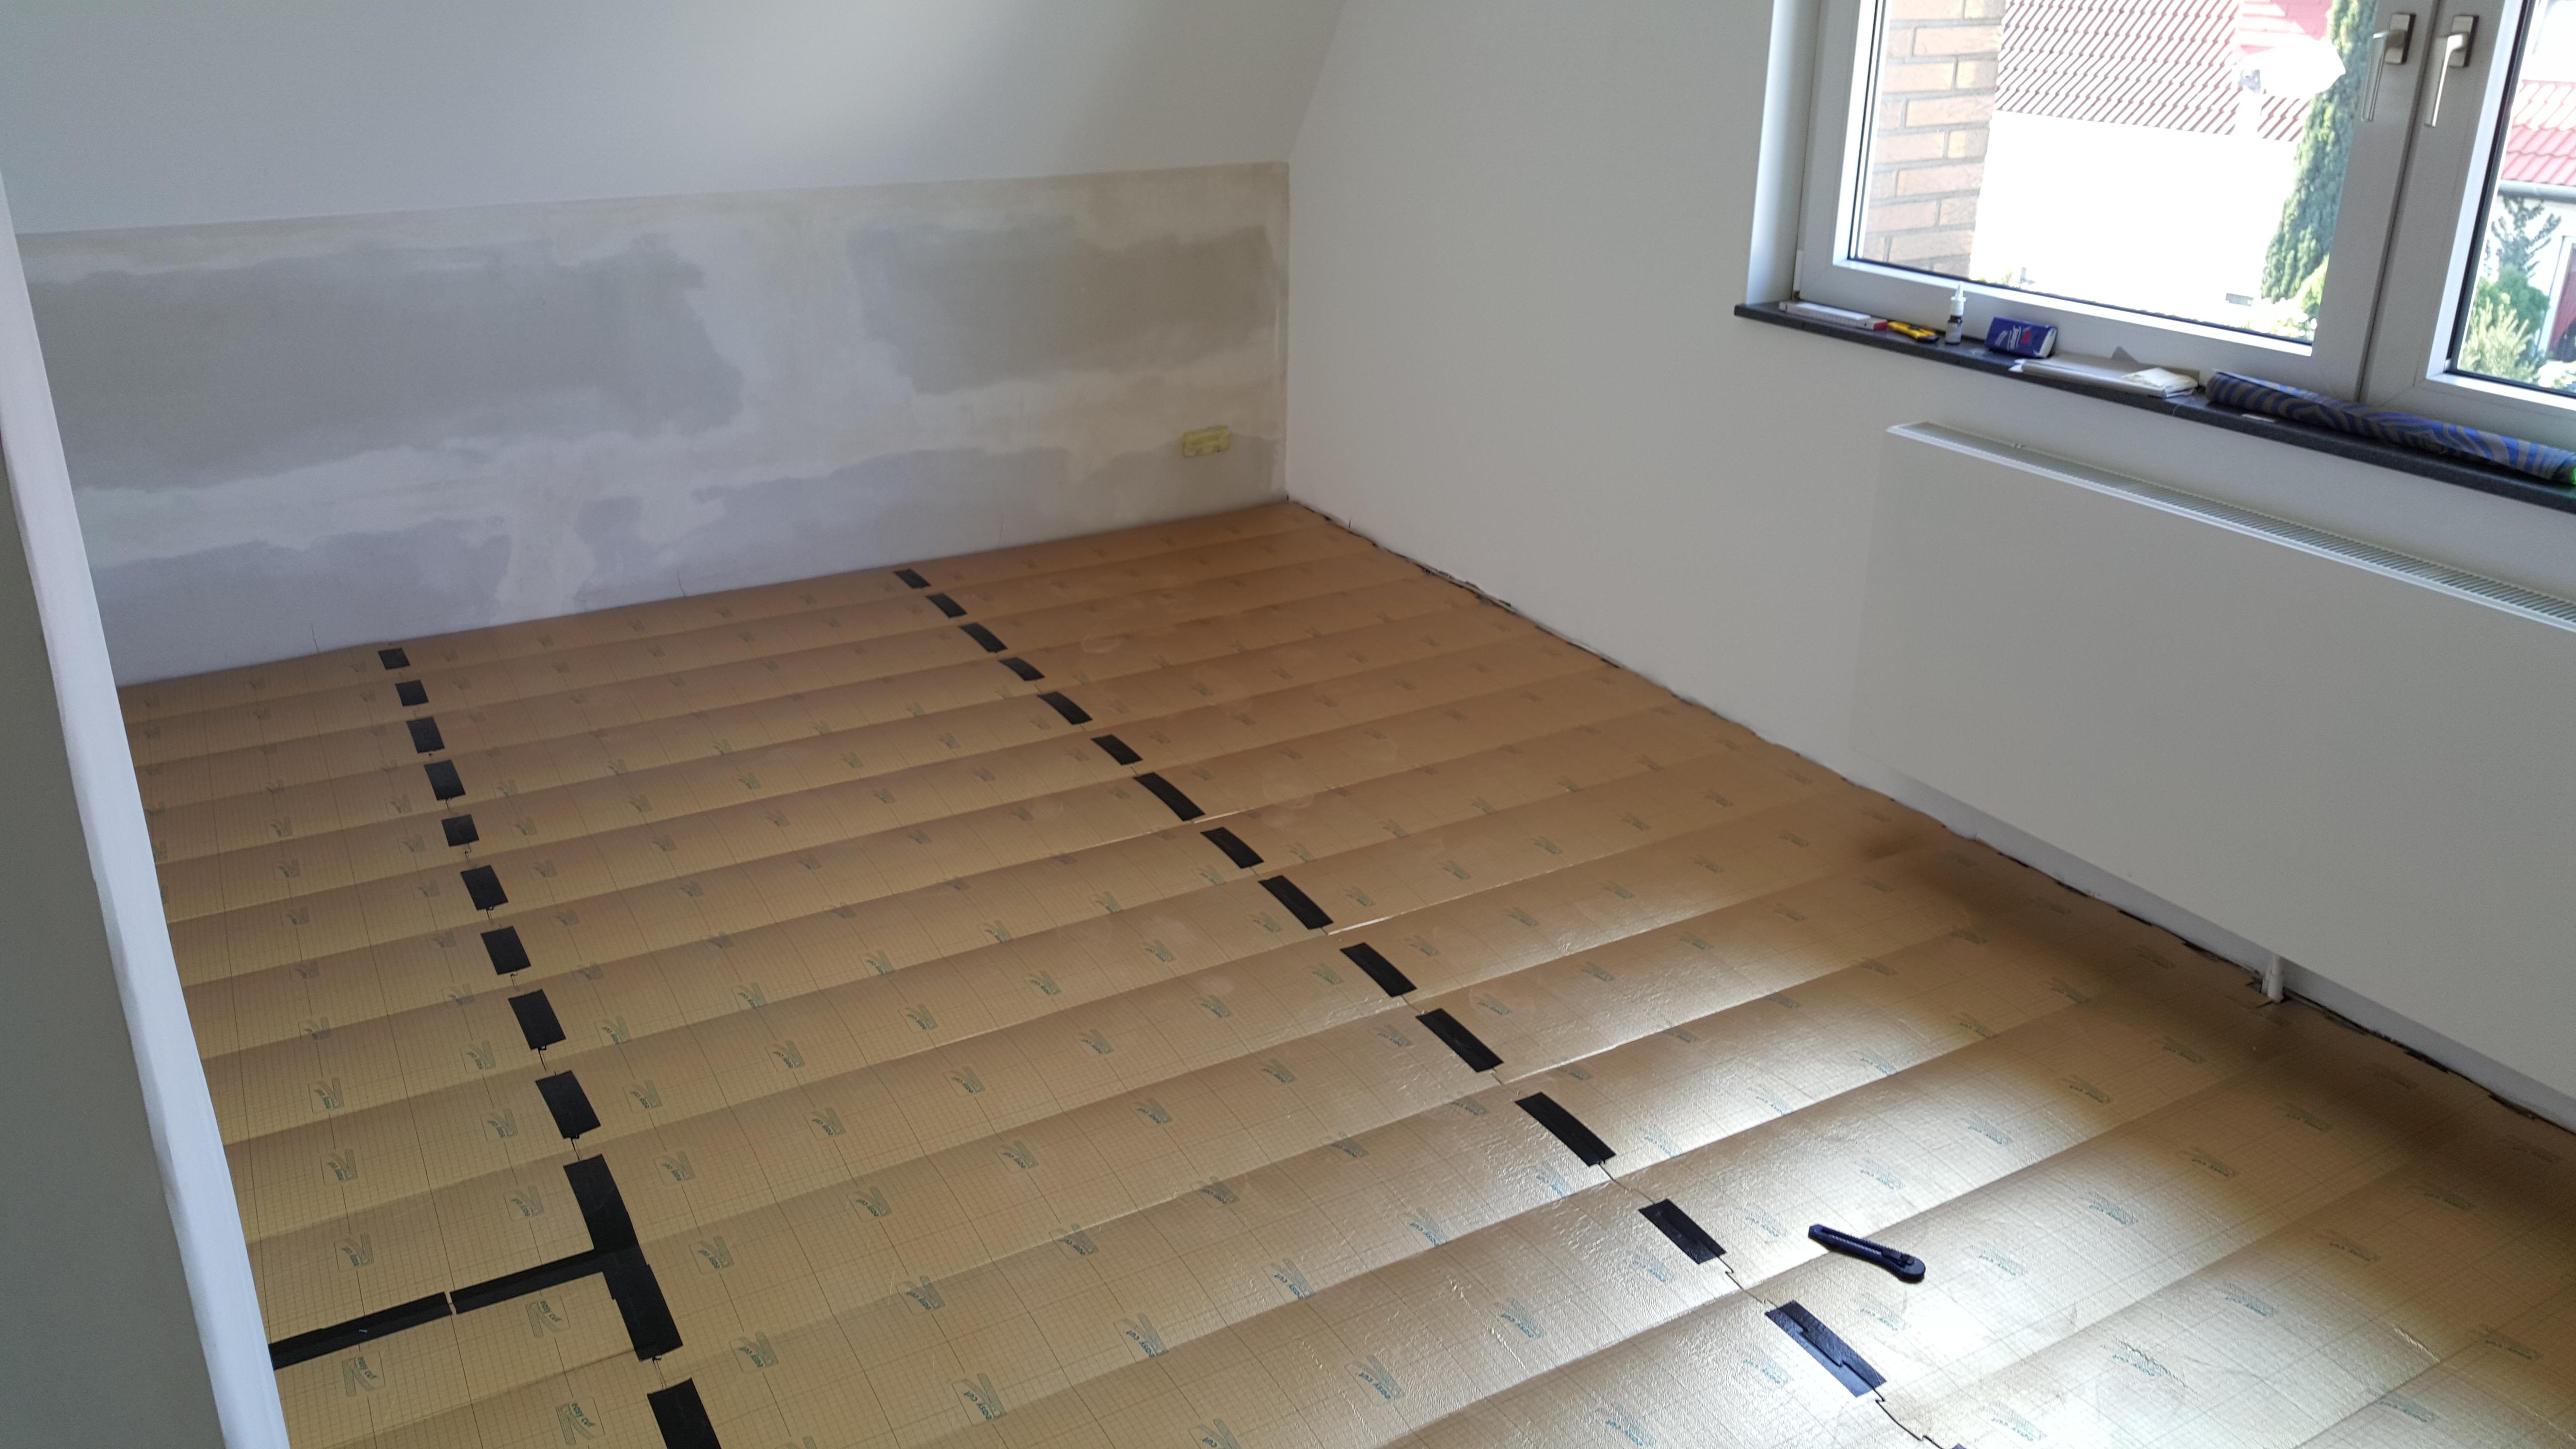 Fußboden Ideen Zumi ~ Welcher fußboden im schlafzimmer tolle fussboden ideen fussboden